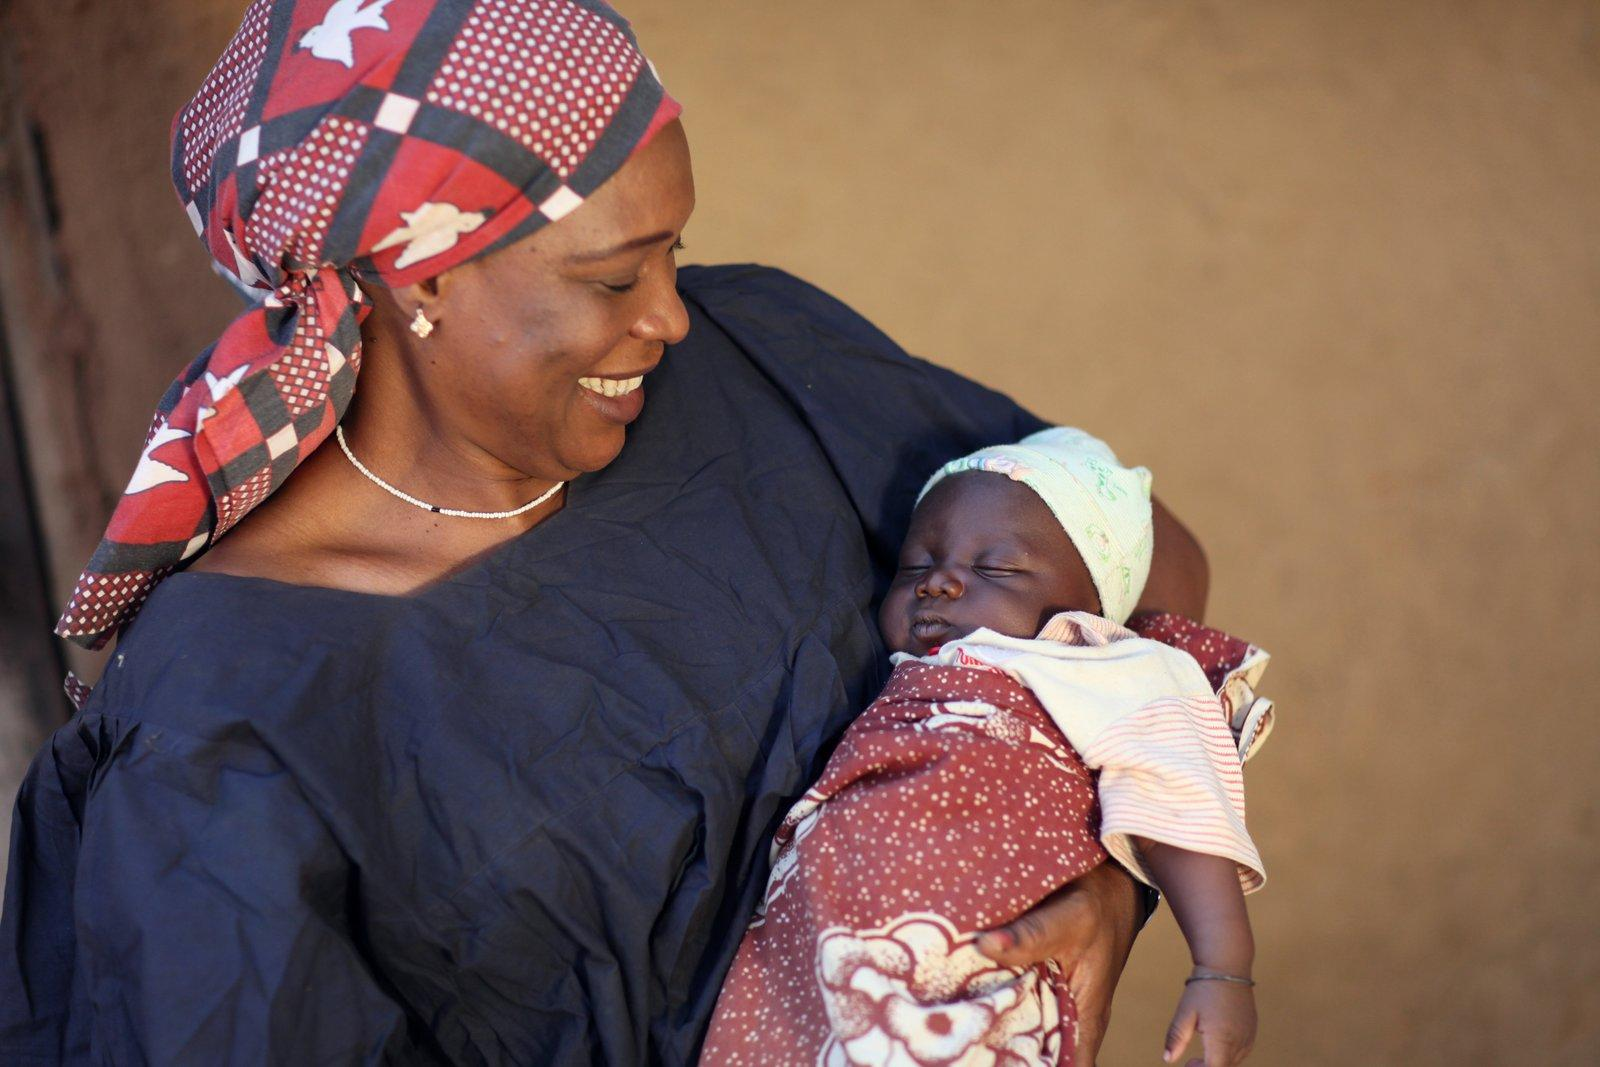 Programme d'appui au fonctionnement de l'état civil et à la mise en place d'un système d'information sécurisé au Mali